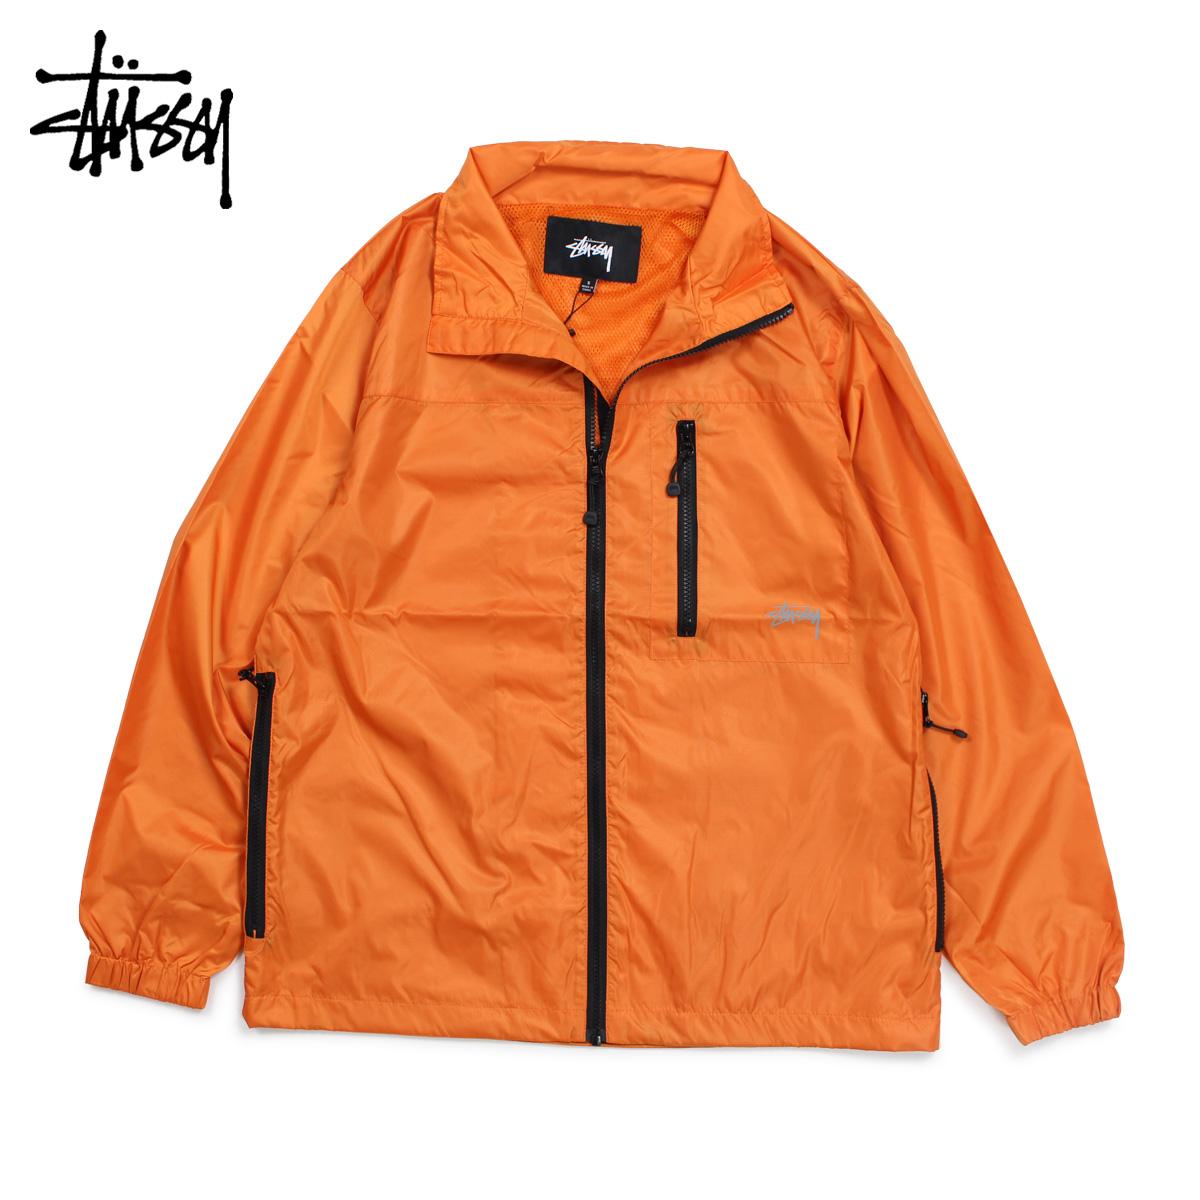 【最大2000円OFFクーポン】 ステューシー STUSSY ジャケット ブルゾン メンズ MICRO RIP JKT オレンジ 115404